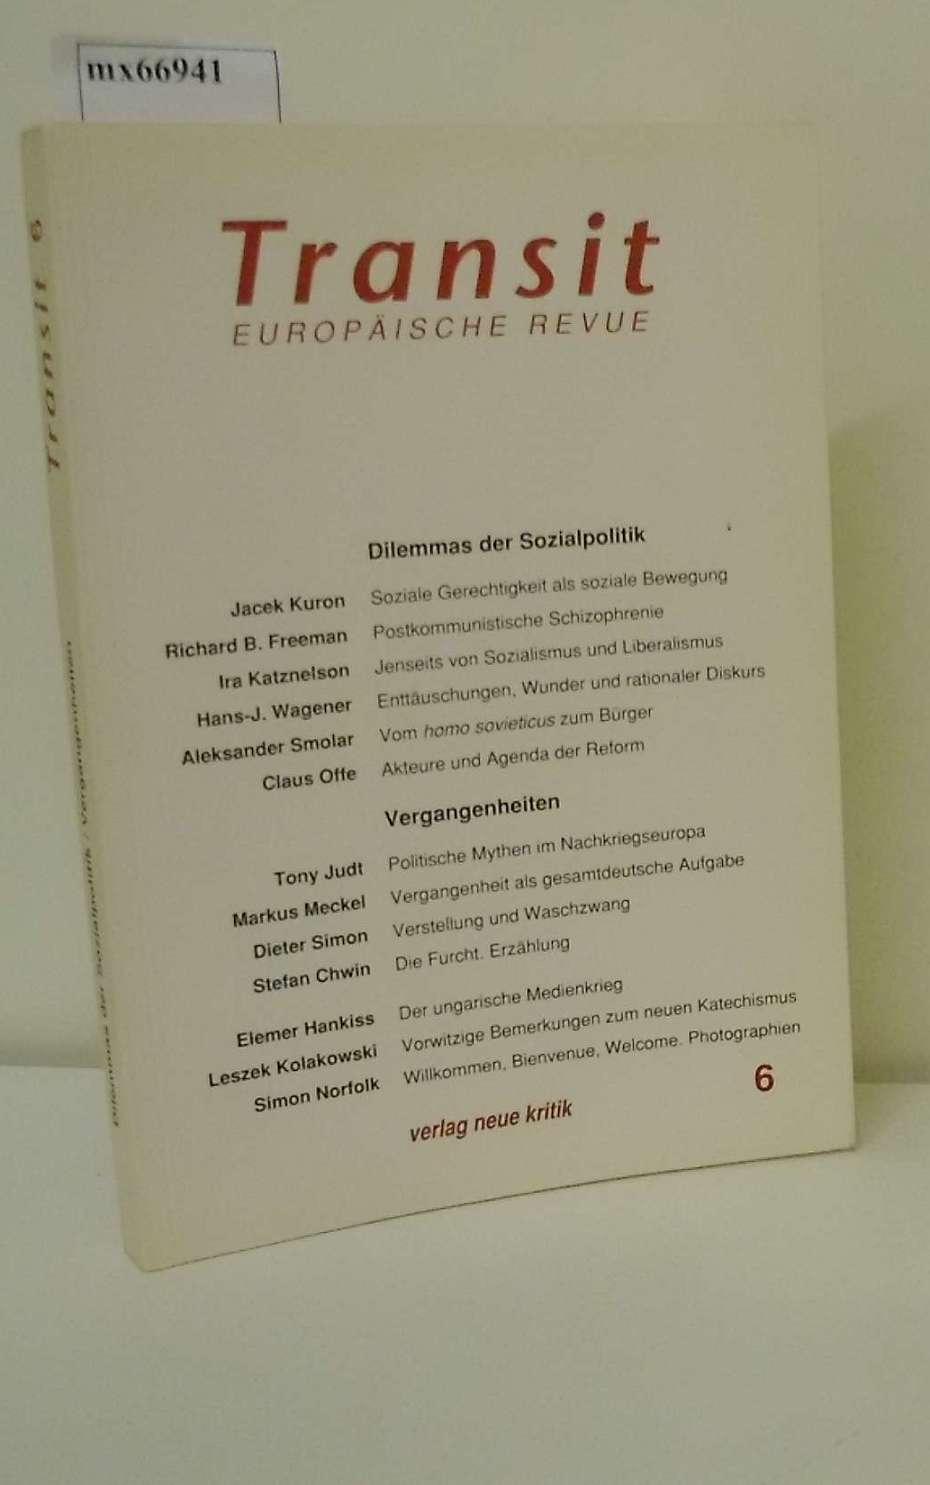 Transit. Europäische Revue 6. Herbst 1993  Dilemmas der Sozialpolitik